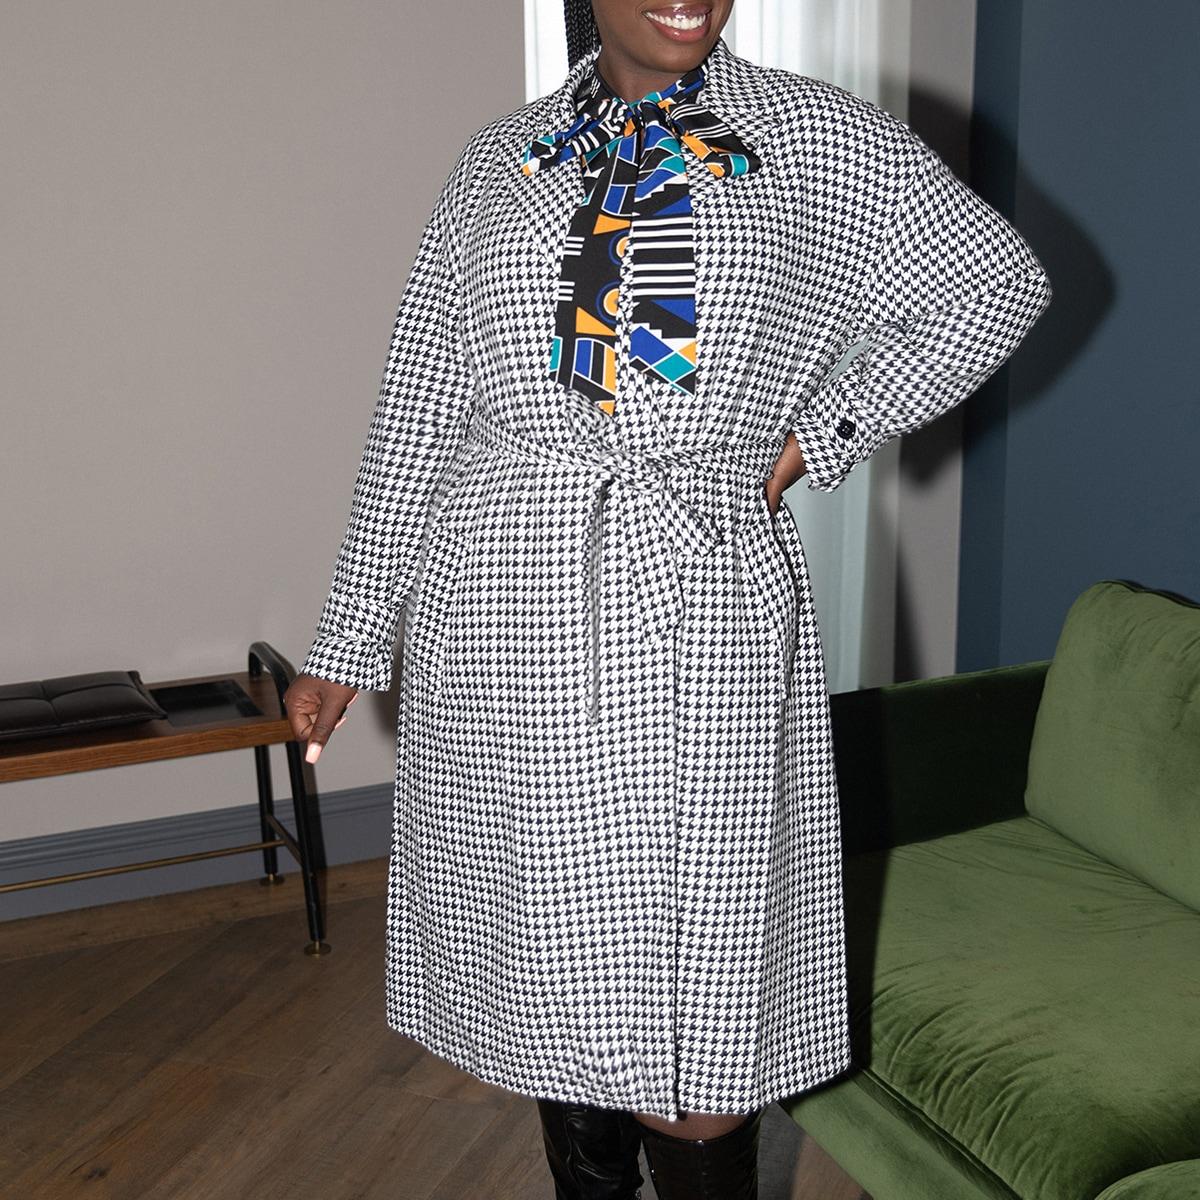 Пальто размера плюс с узором хаундстута и поясом